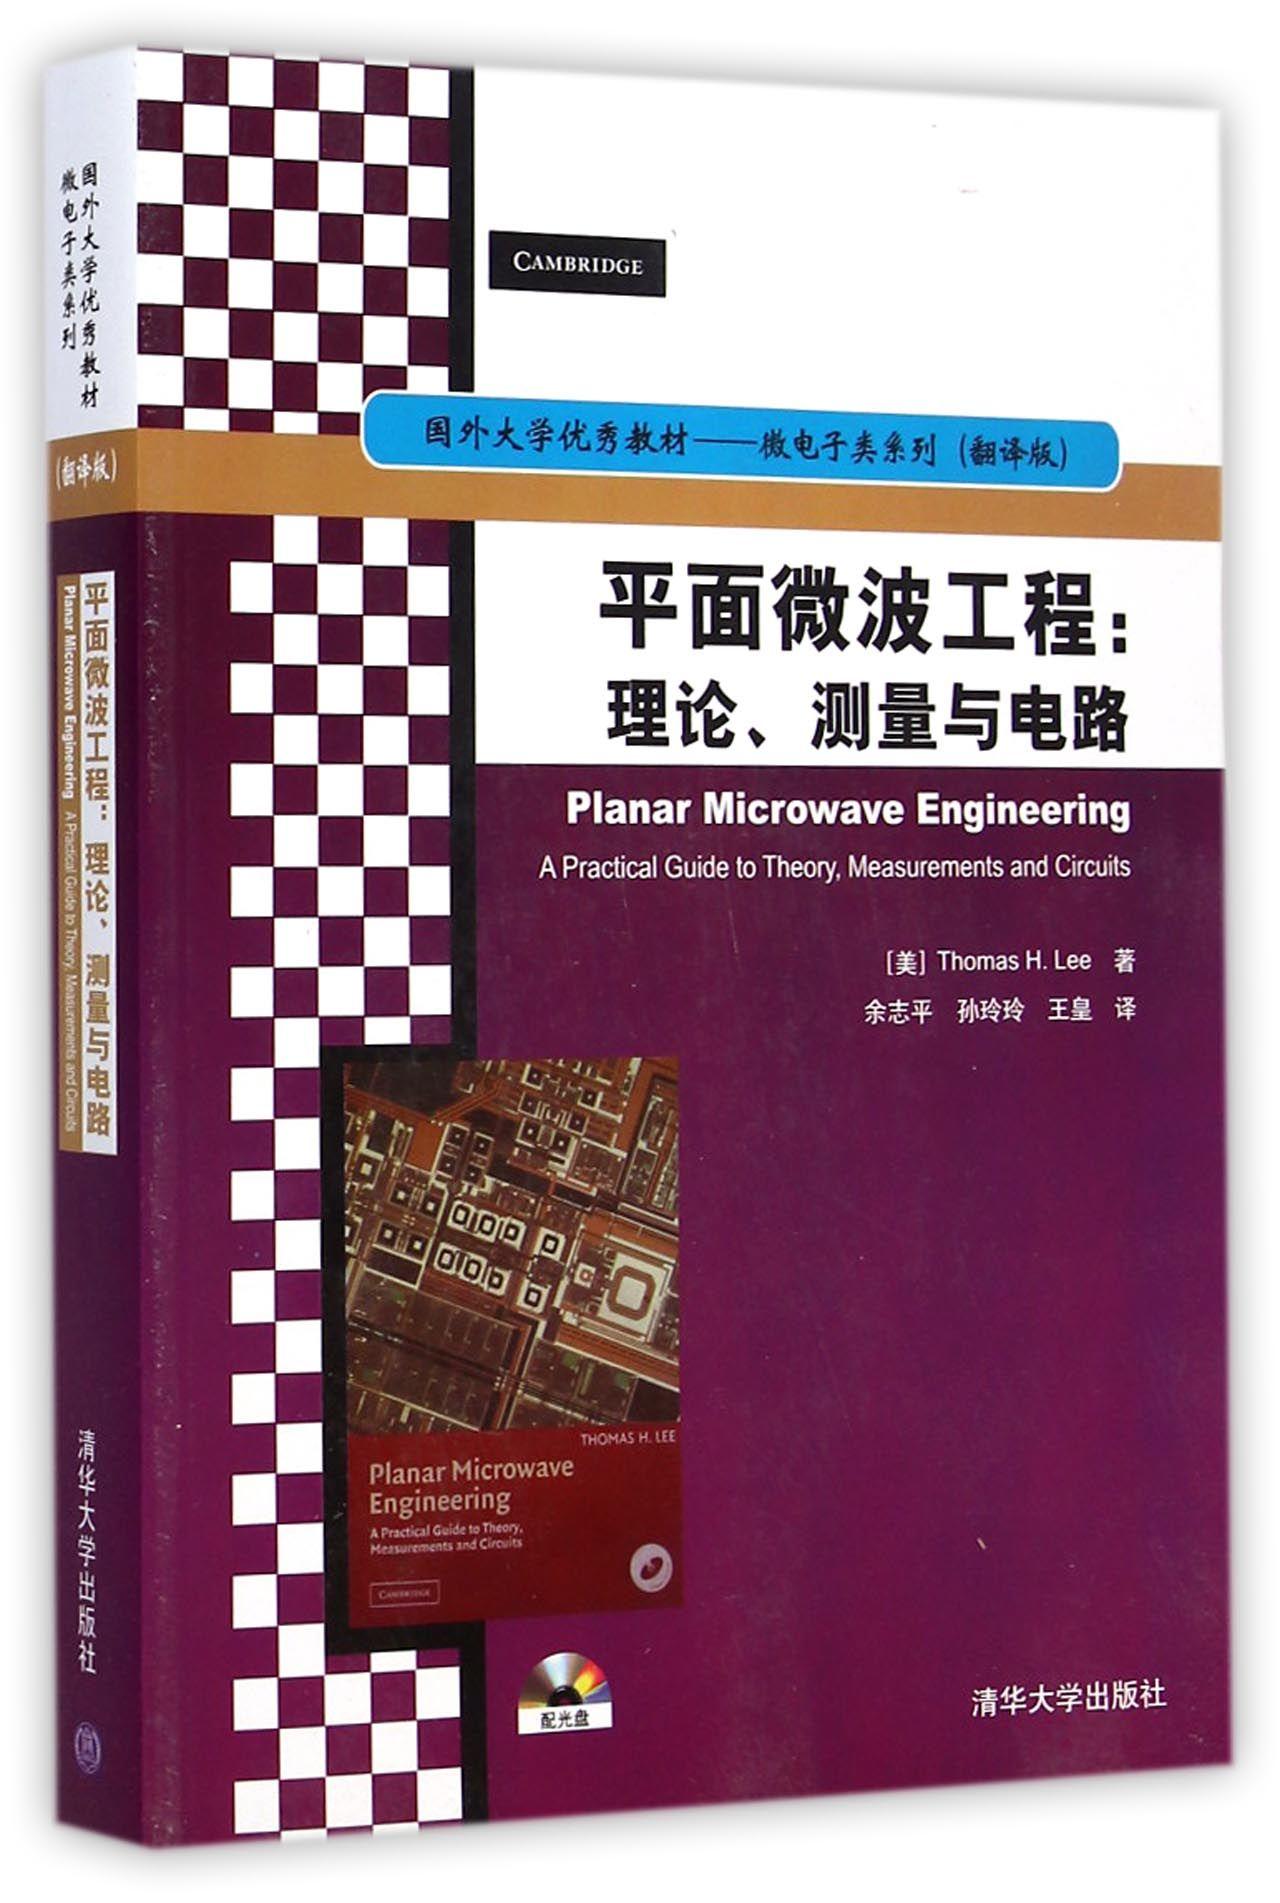 平面微波工程--理论测量与电路(附光盘翻译版国外大学优秀教材)